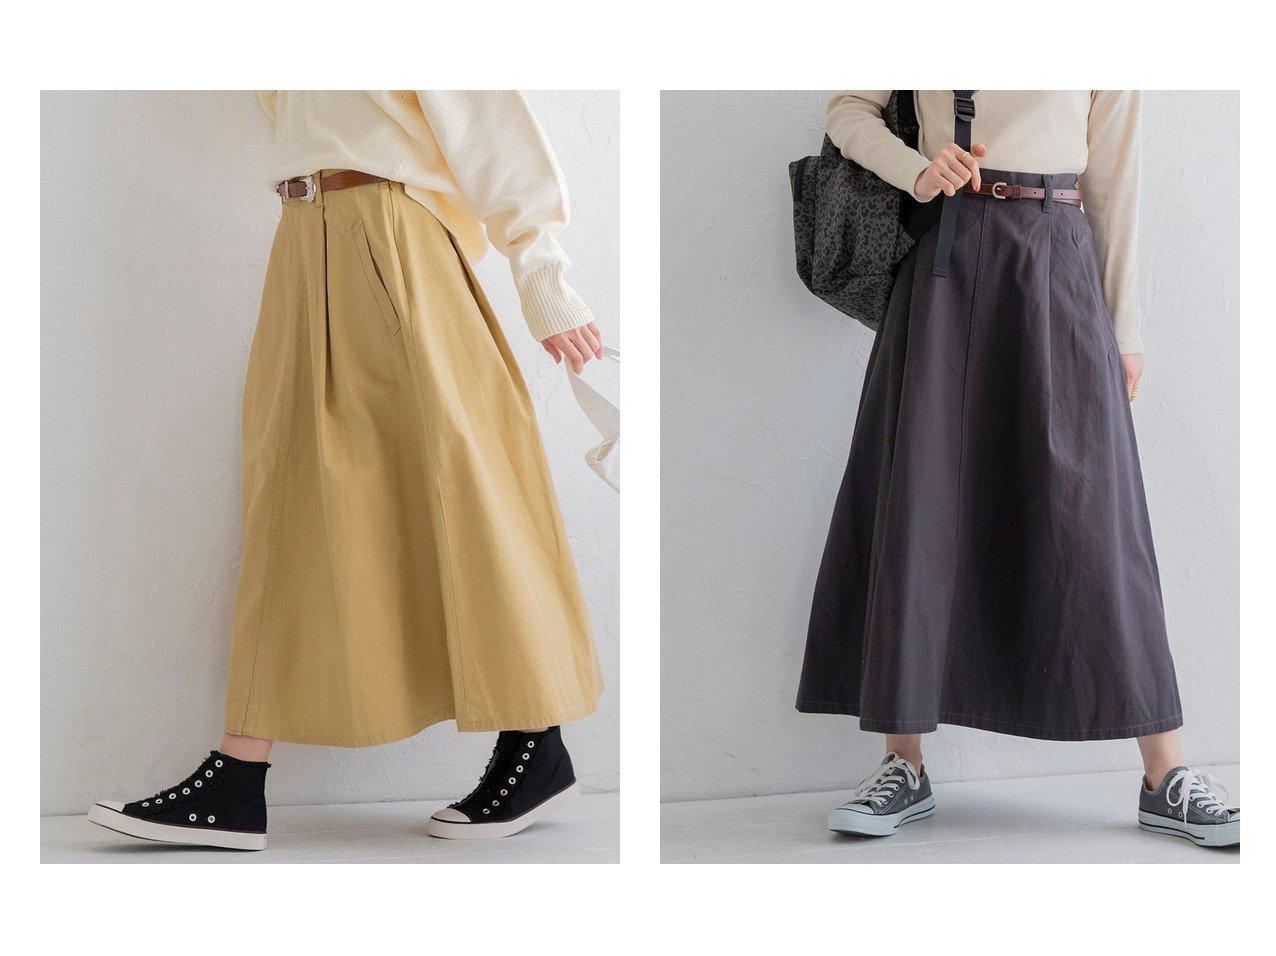 【COEN/コーエン】のワークスカート(ロングスカート/フレアスカート/マキシスカート) 【スカート】おすすめ!人気、トレンド・レディースファッションの通販 おすすめで人気の流行・トレンド、ファッションの通販商品 メンズファッション・キッズファッション・インテリア・家具・レディースファッション・服の通販 founy(ファニー) https://founy.com/ ファッション Fashion レディースファッション WOMEN スカート Skirt Aライン/フレアスカート Flared A-Line Skirts ロングスカート Long Skirt サロペット シンプル ジャケット セットアップ フレア フロント ボトム ポケット マキシ ロング 2021年 2021 S/S・春夏 SS・Spring/Summer 2021春夏・S/S SS/Spring/Summer/2021 おすすめ Recommend |ID:crp329100000027833